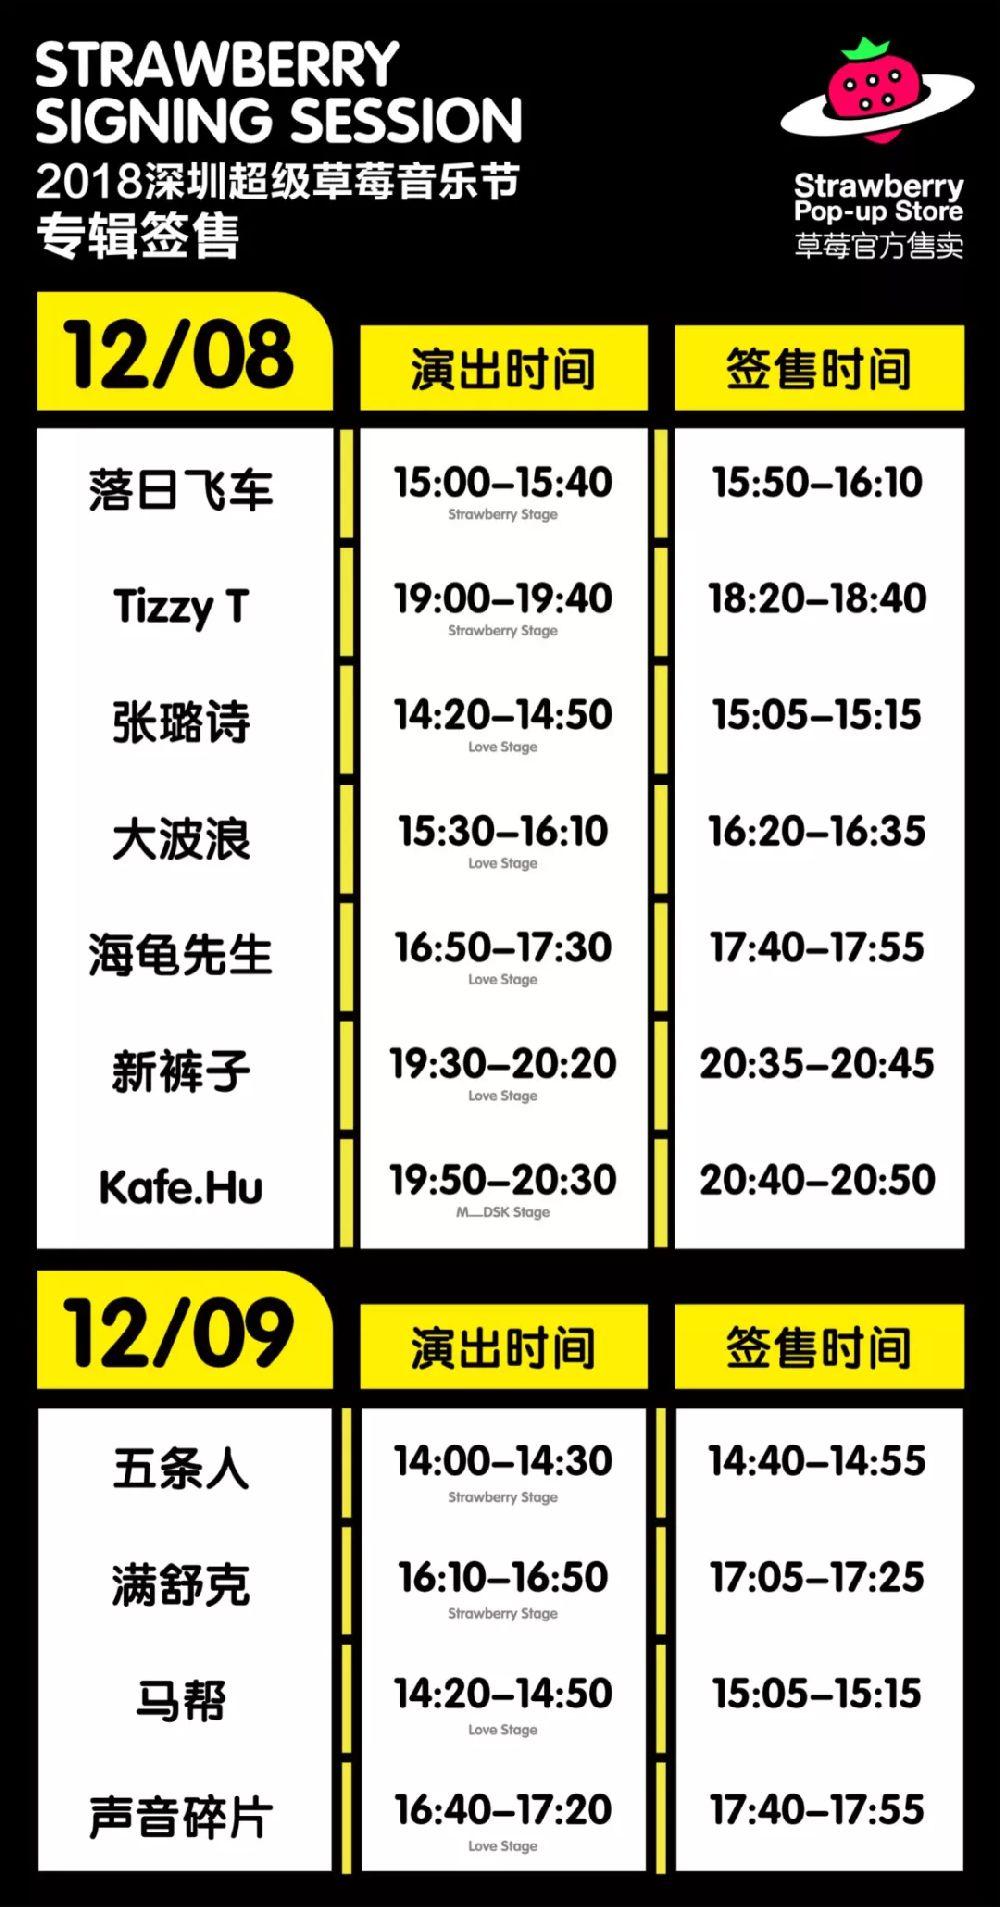 2018草莓音乐节深圳站演出及签售时间表